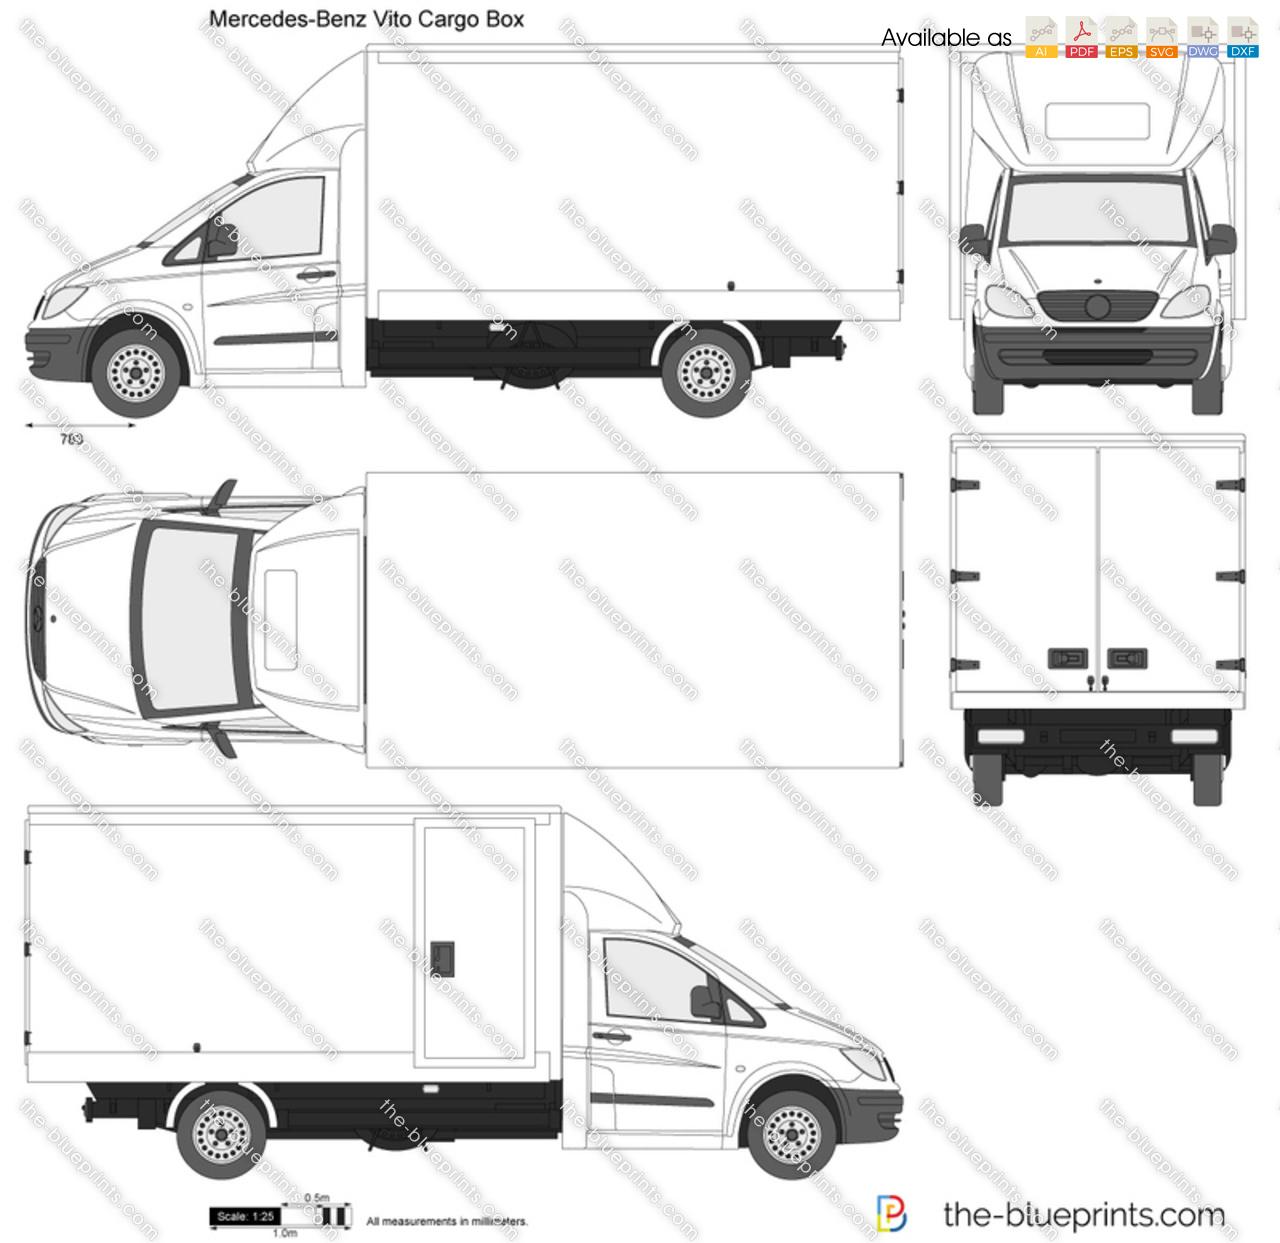 Mercedes-Benz Vito Cargo Box